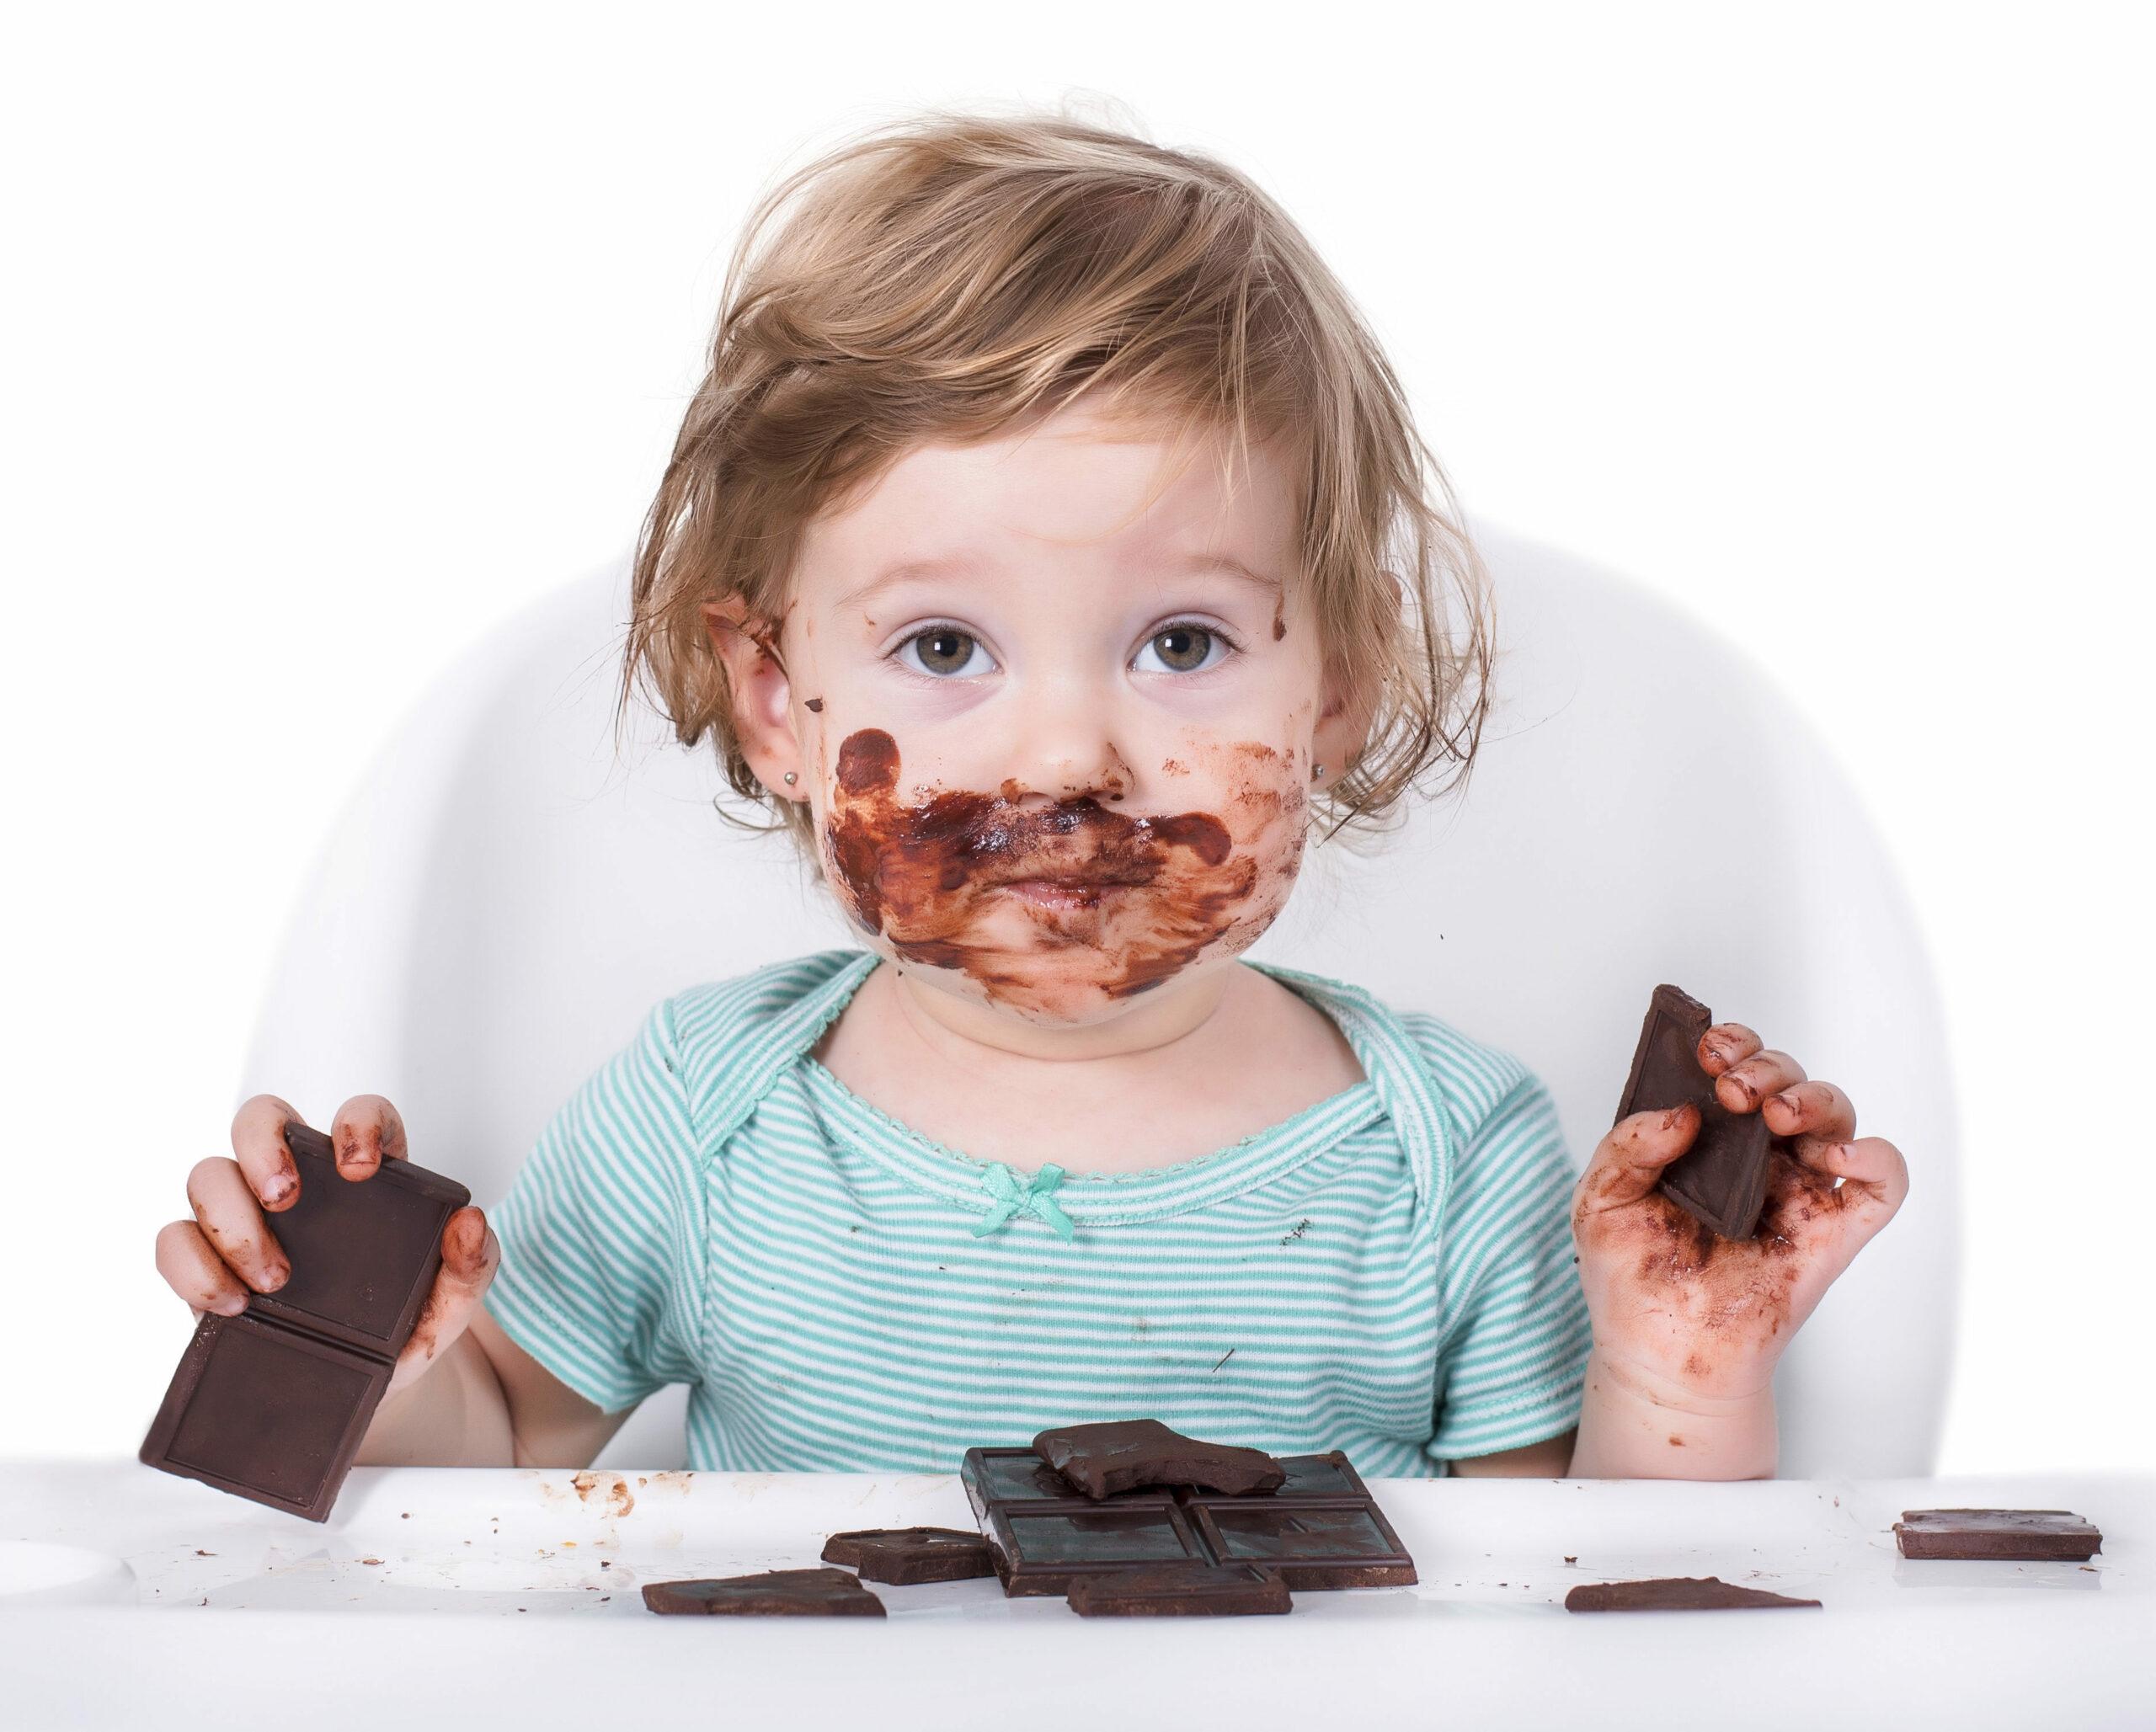 Ab Wann Dürfen Kinder Süßigkeiten Essen Babyartikel De Magazin